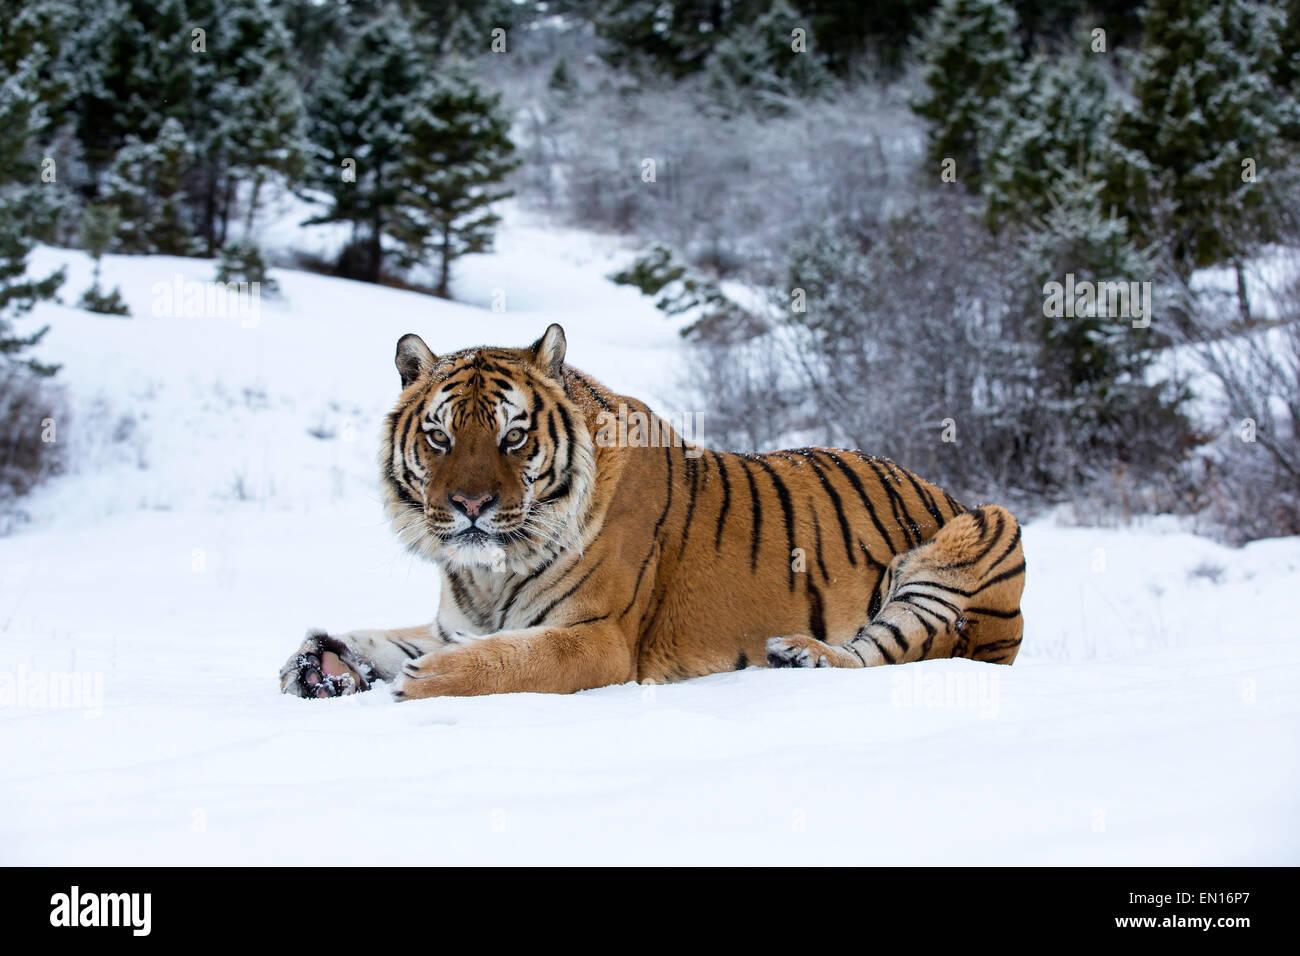 Tigre siberiano (Panthera tigris altaica) adulto sentado en la nieve en el borde del bosque Imagen De Stock